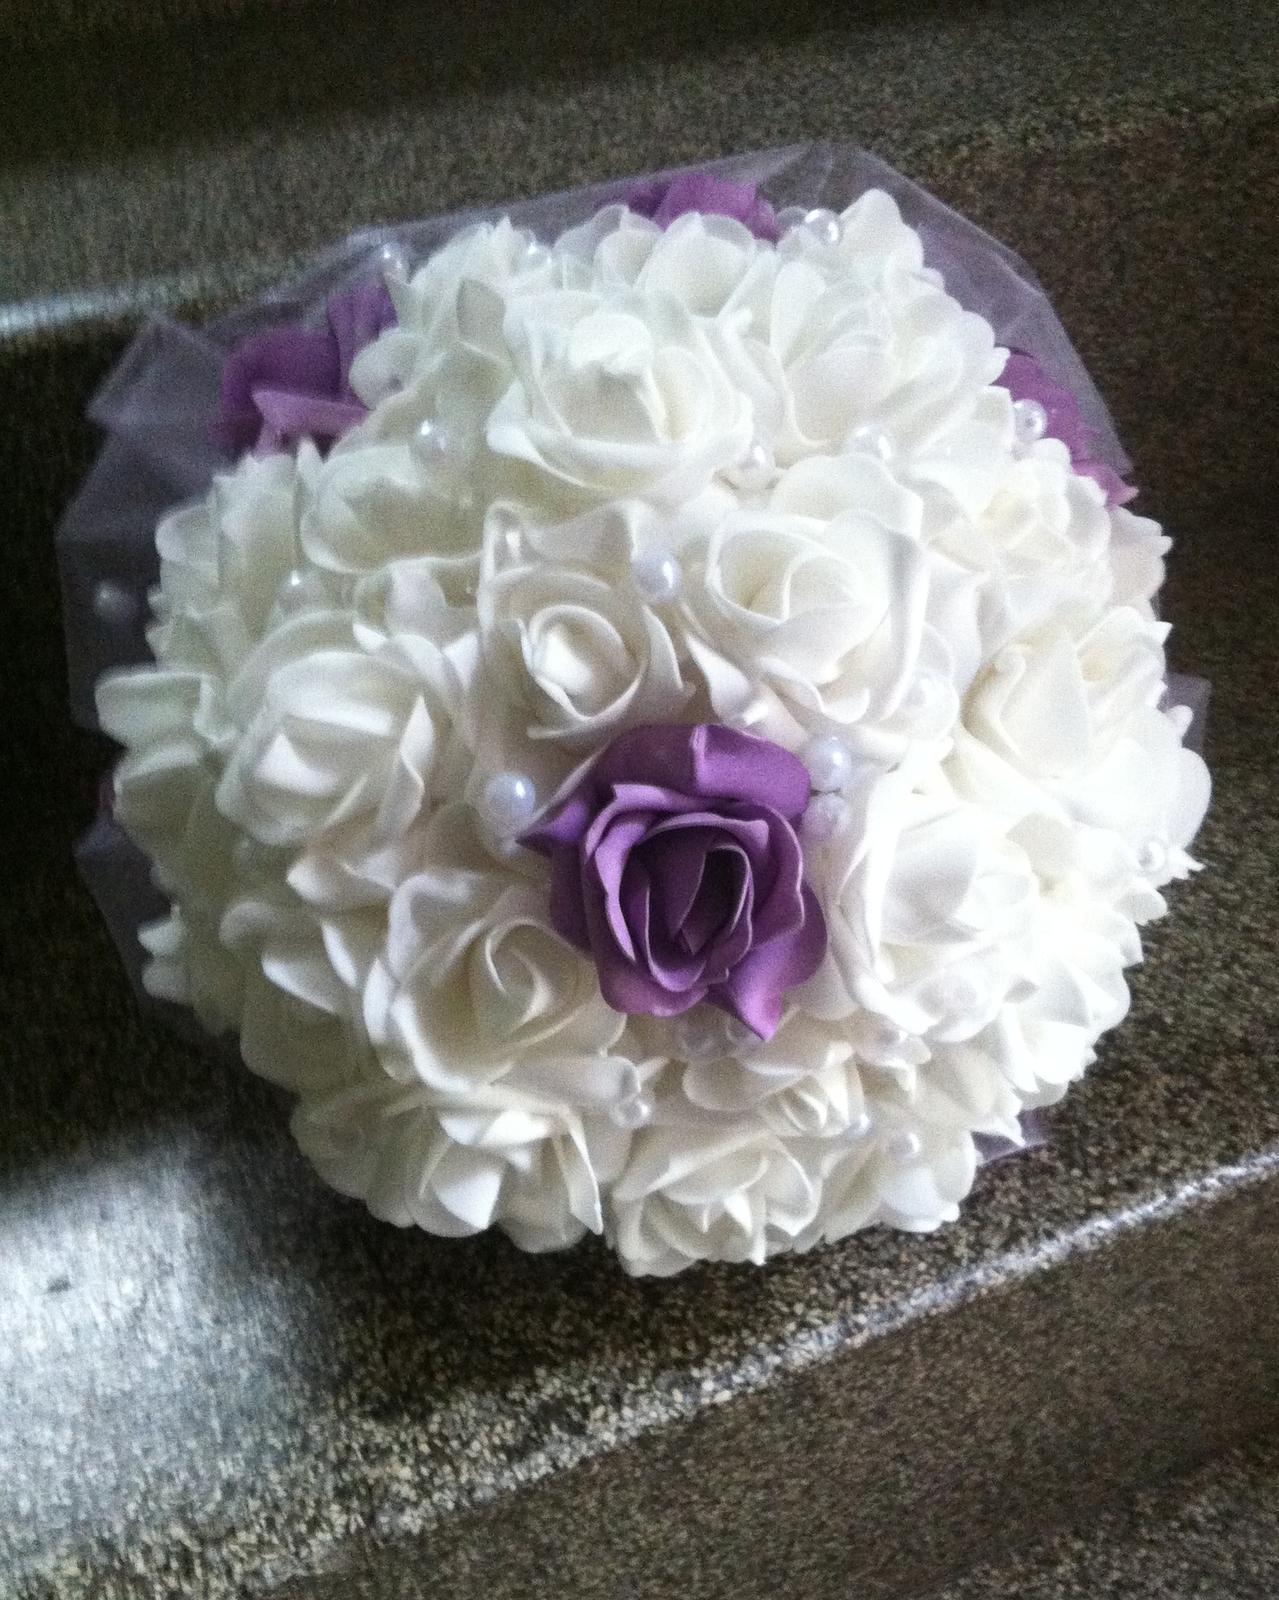 Netradiční svatební kytice - pěnové růžičky + polštářky pod prstýnky, košíčky - Obrázek č. 88